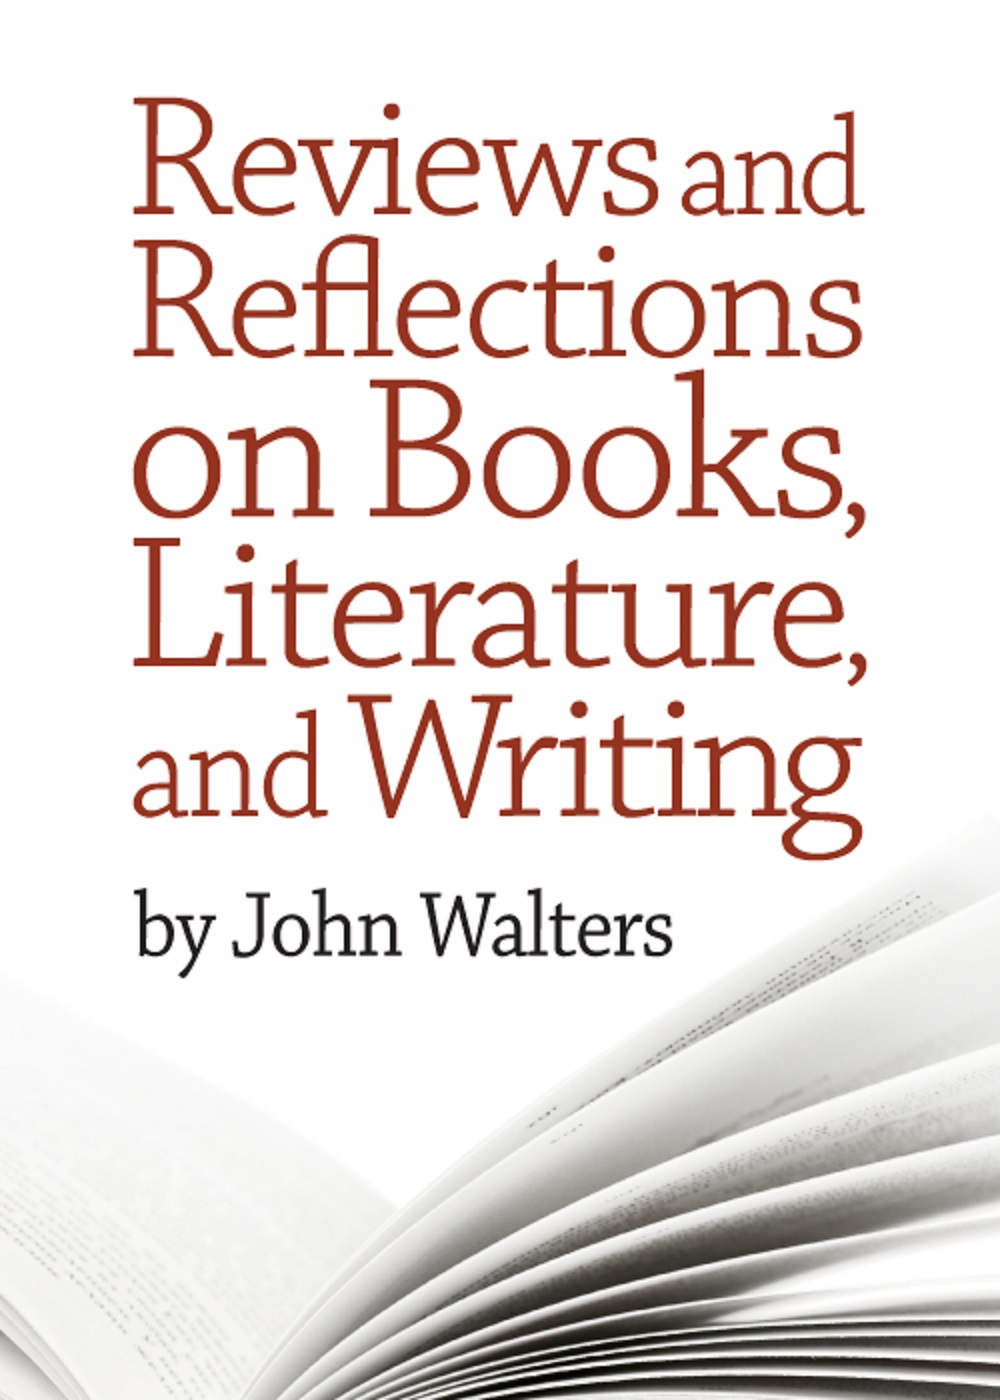 jose l galvan writing literature reviews